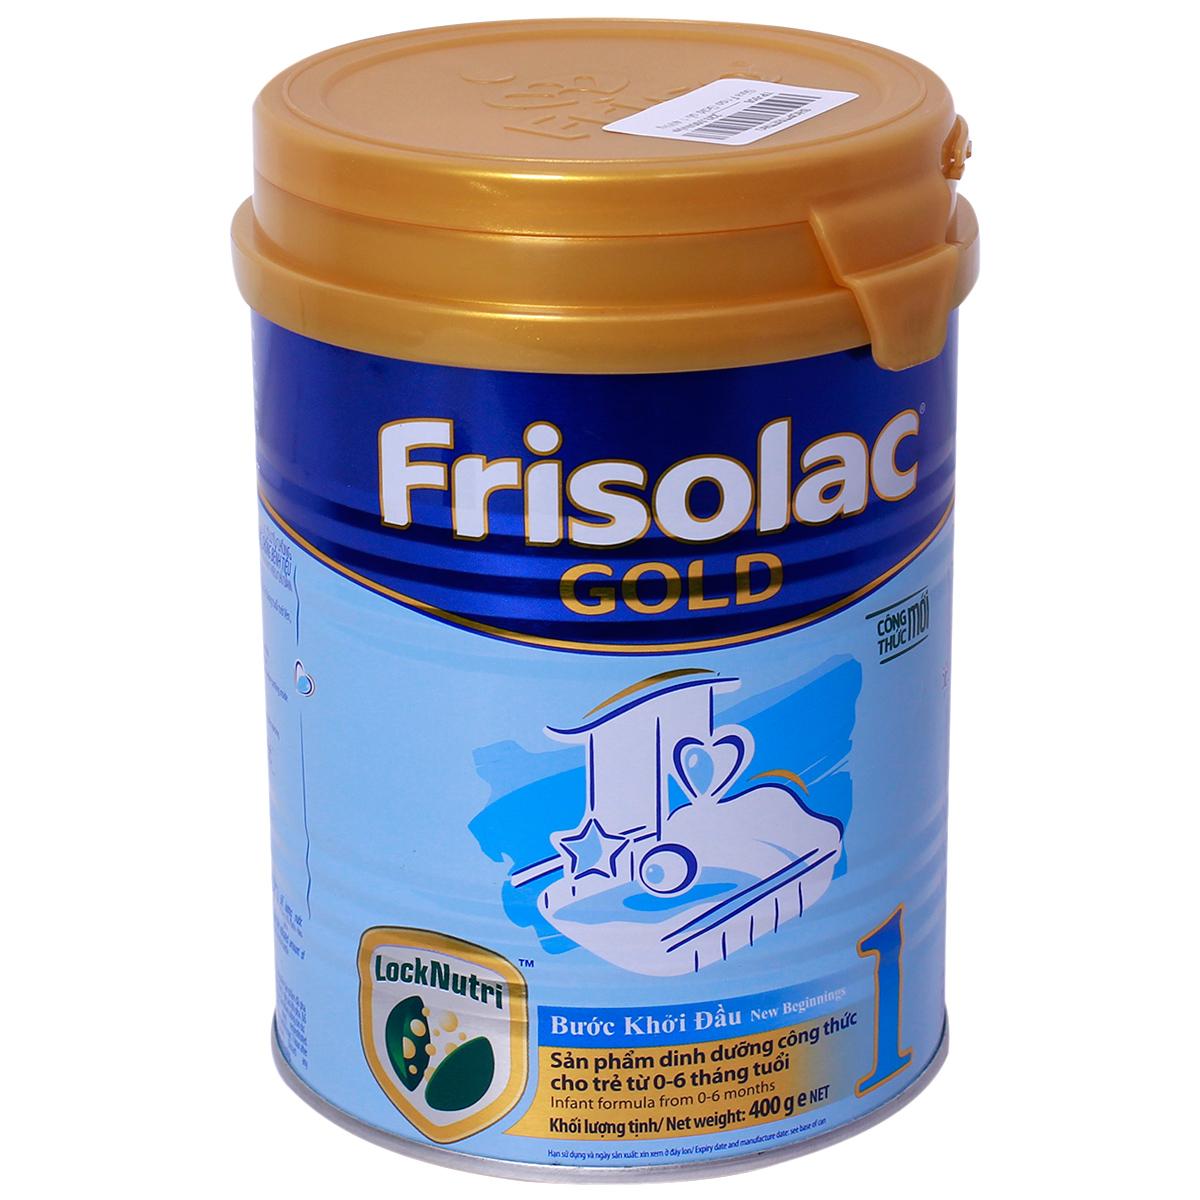 Sua Frisolac Gold so 1 400g